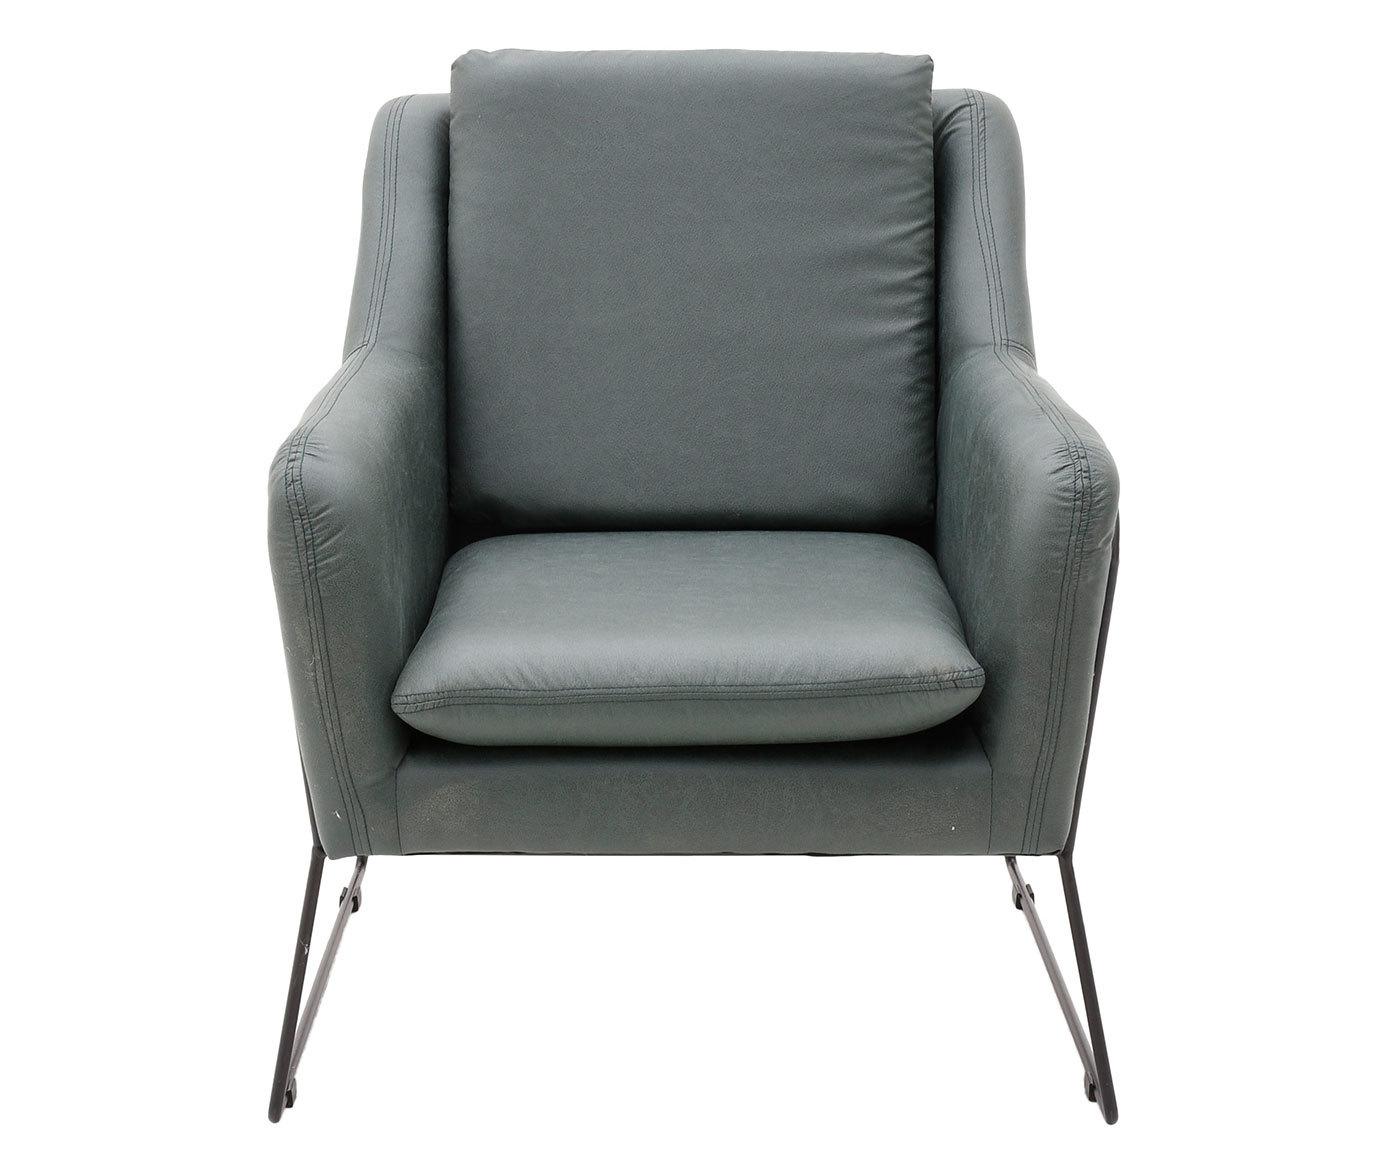 Купить Интерьерное кресло серого цвета на металлических ножках, inmyroom, Греция